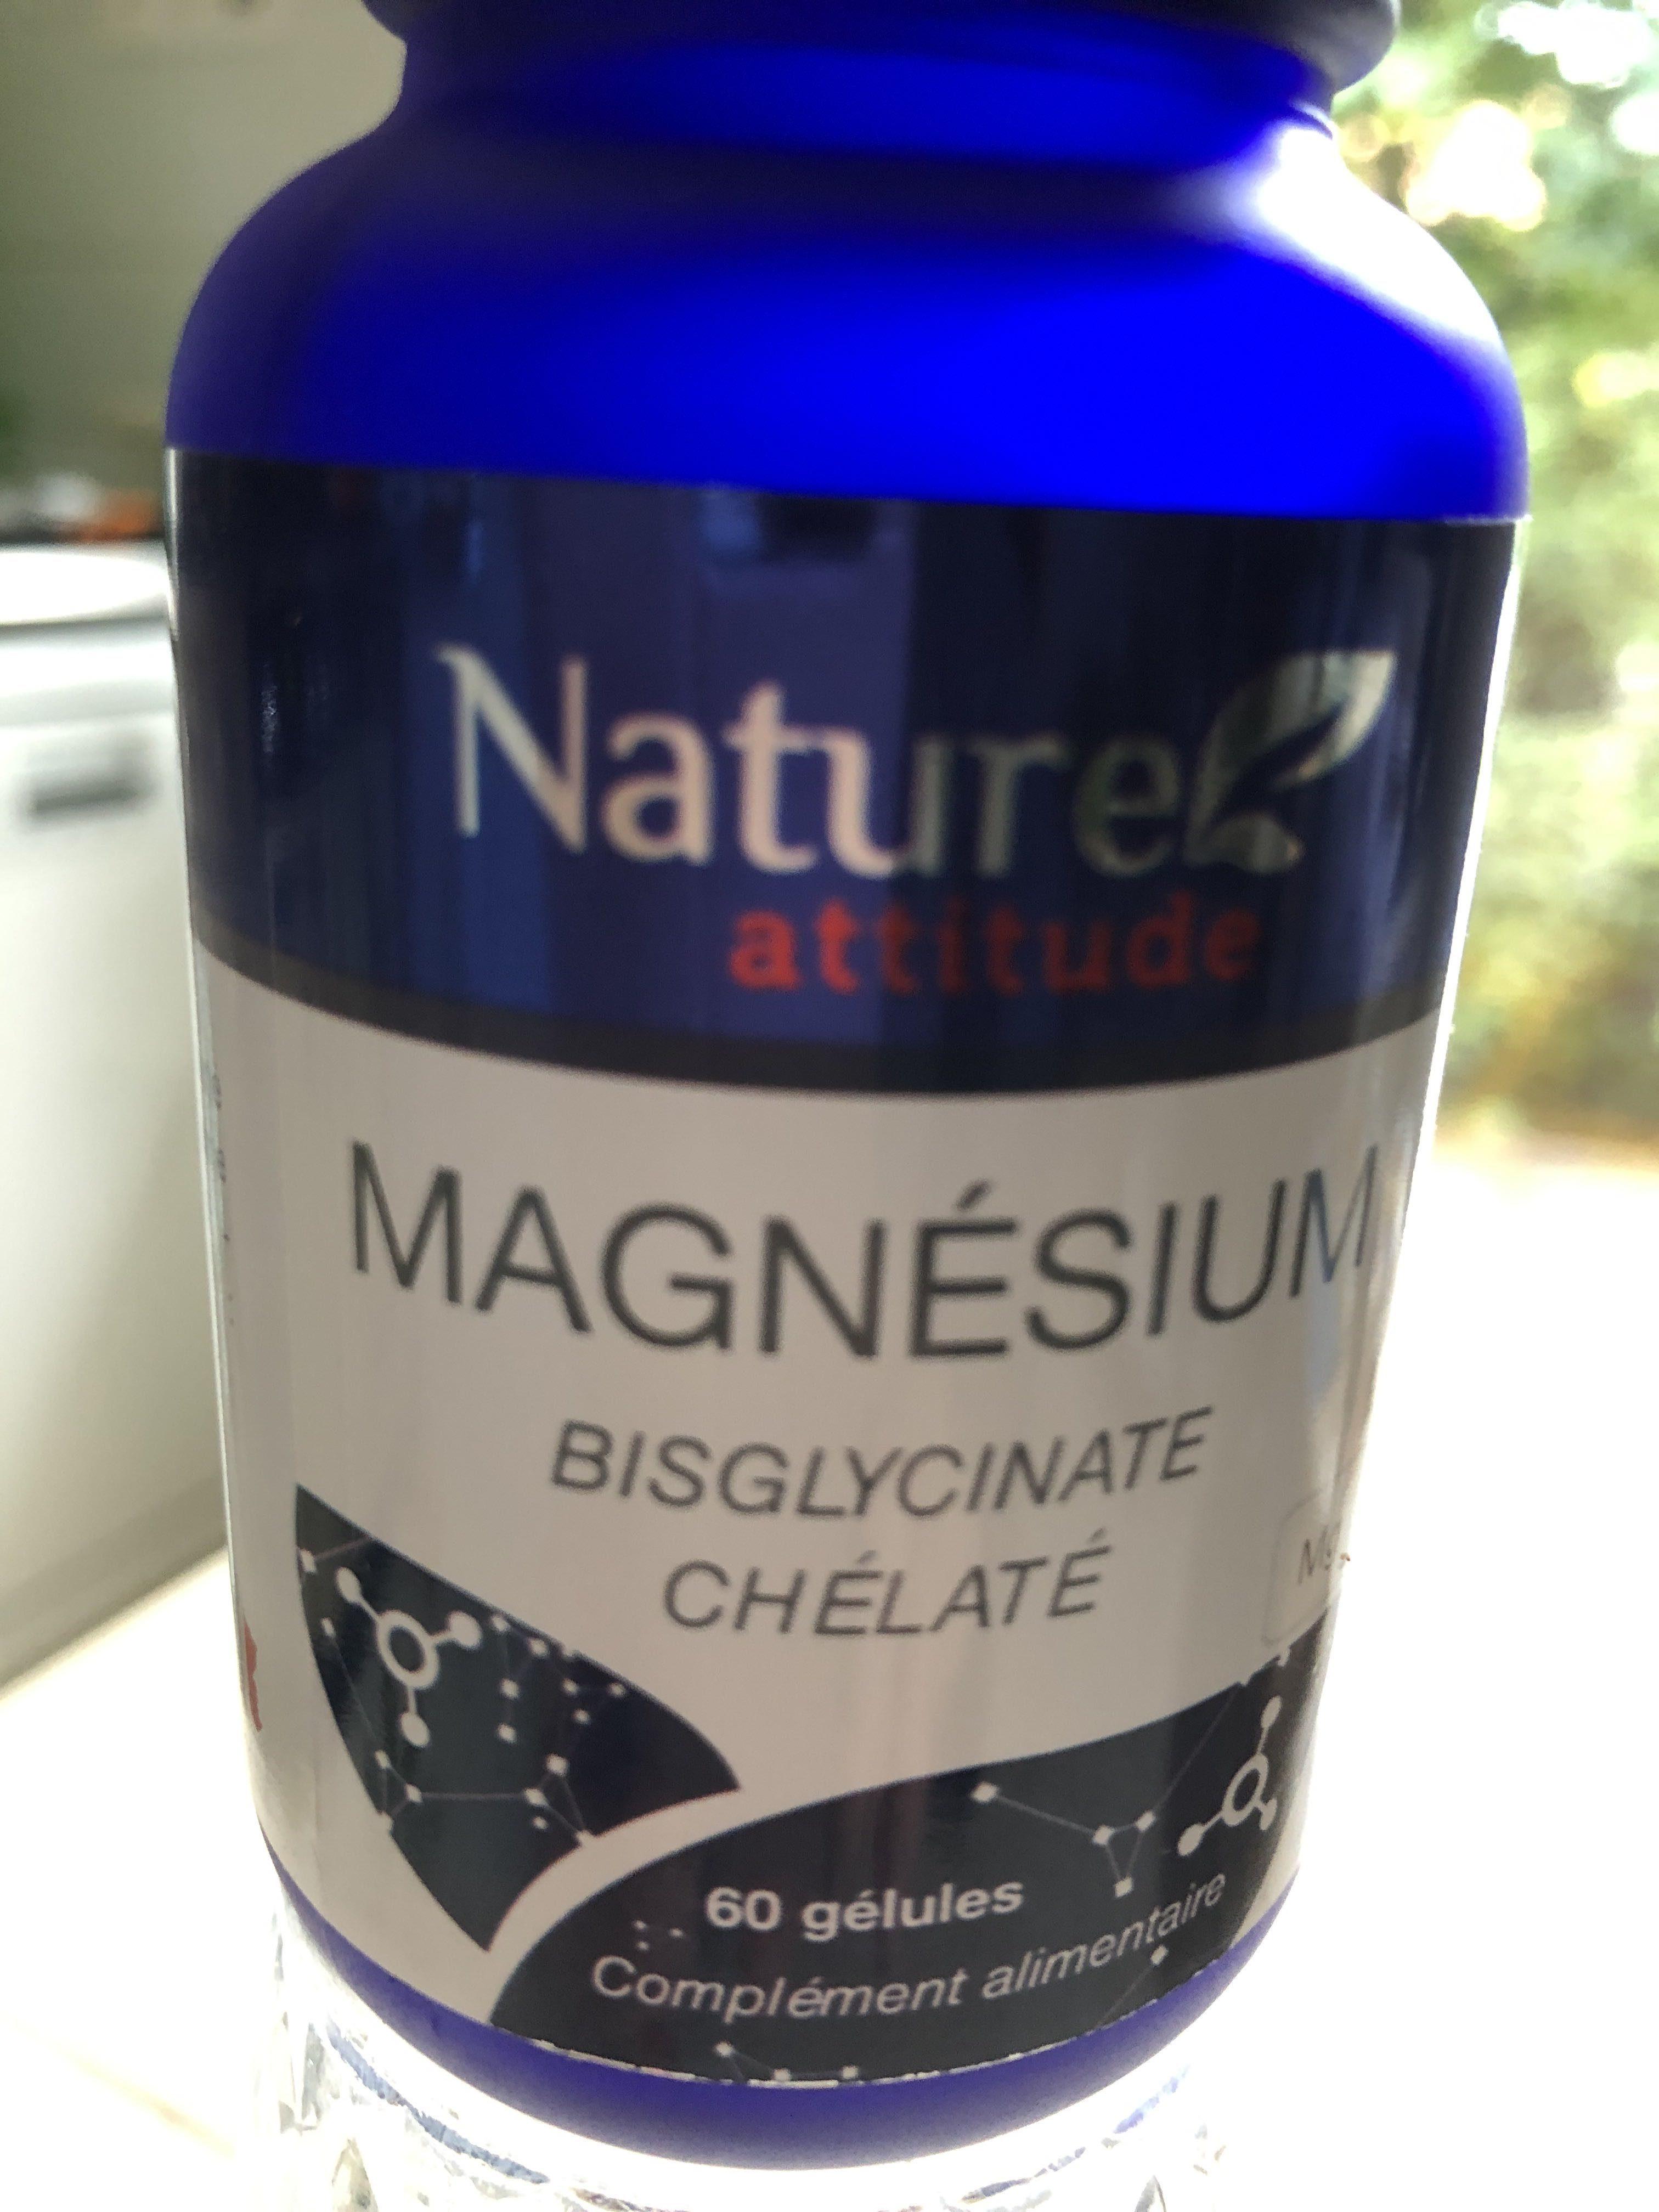 Nature Attitude Magnésium Bisglycinate Chélaté - Product